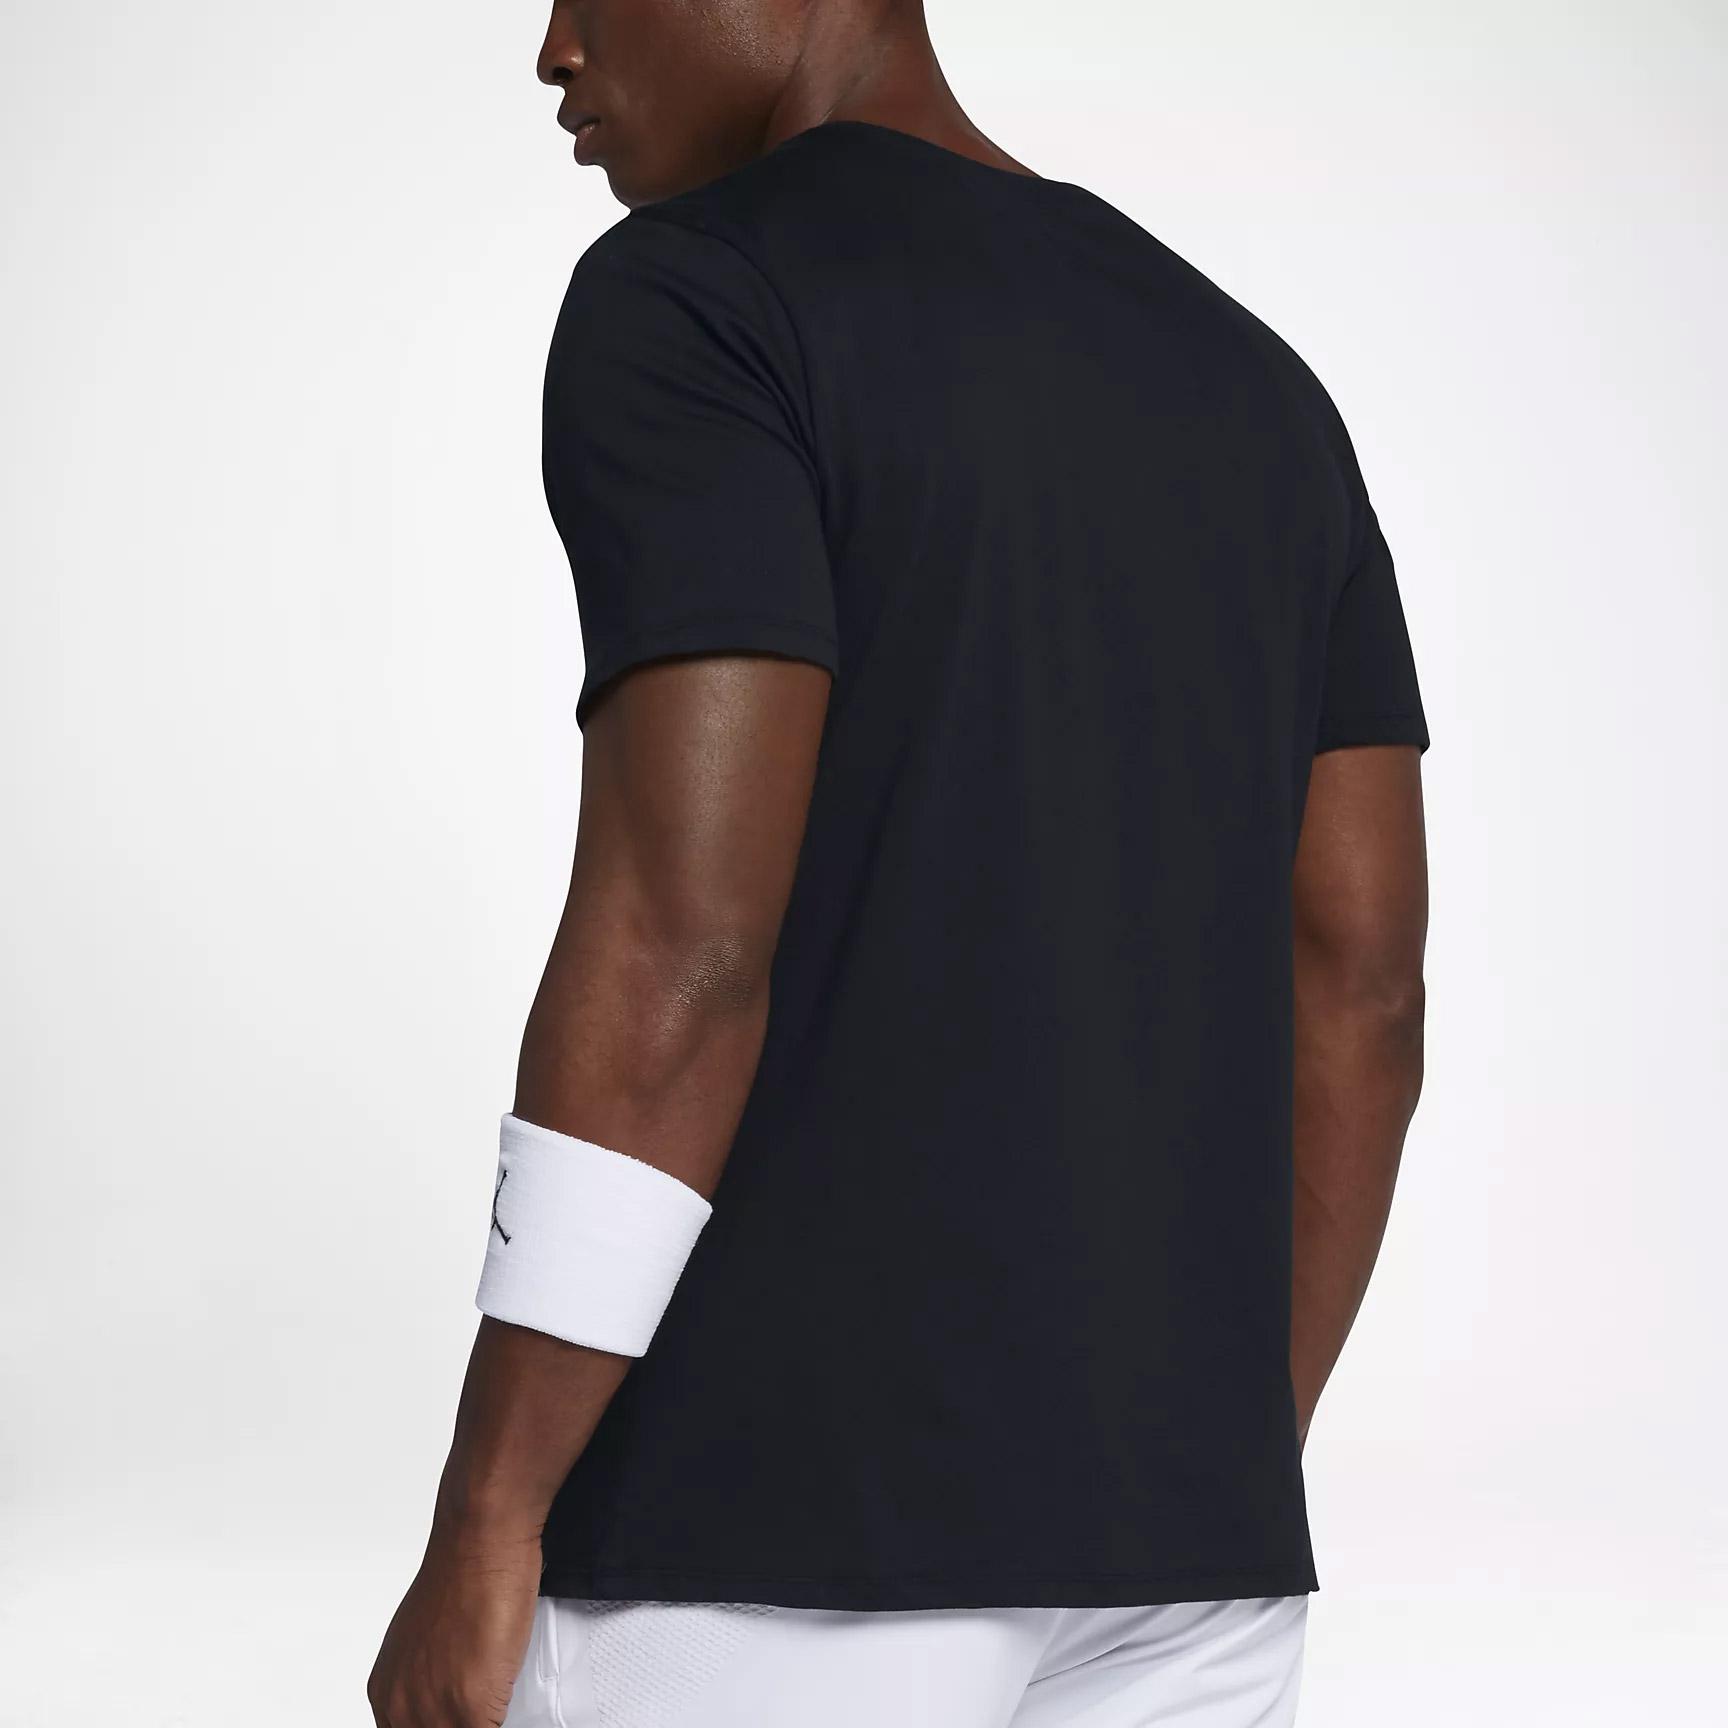 472a664291829 Nike M JSW TEE ICONIC JUMPMAN. Pánské tričko Jordan. Pánské tričko Jordan.  Pánské tričko Jordan